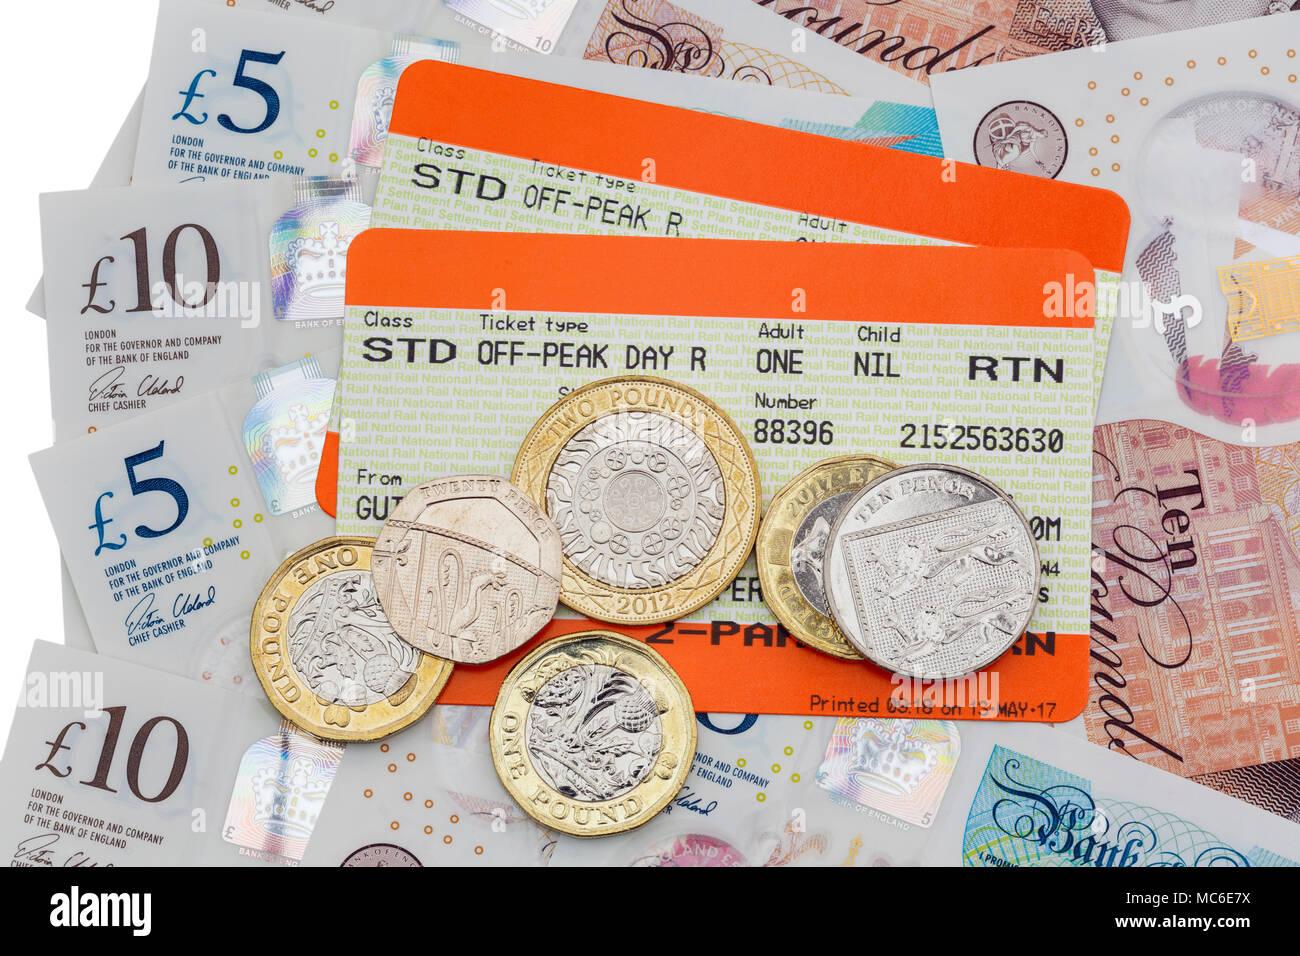 Due britannici i biglietti del treno per Standard off-peak viaggiare fuori e restituire le tariffe ferroviarie con cinque e dieci pound note e nuovo cancelletto di monete. Inghilterra Regno Unito Gran Bretagna Immagini Stock